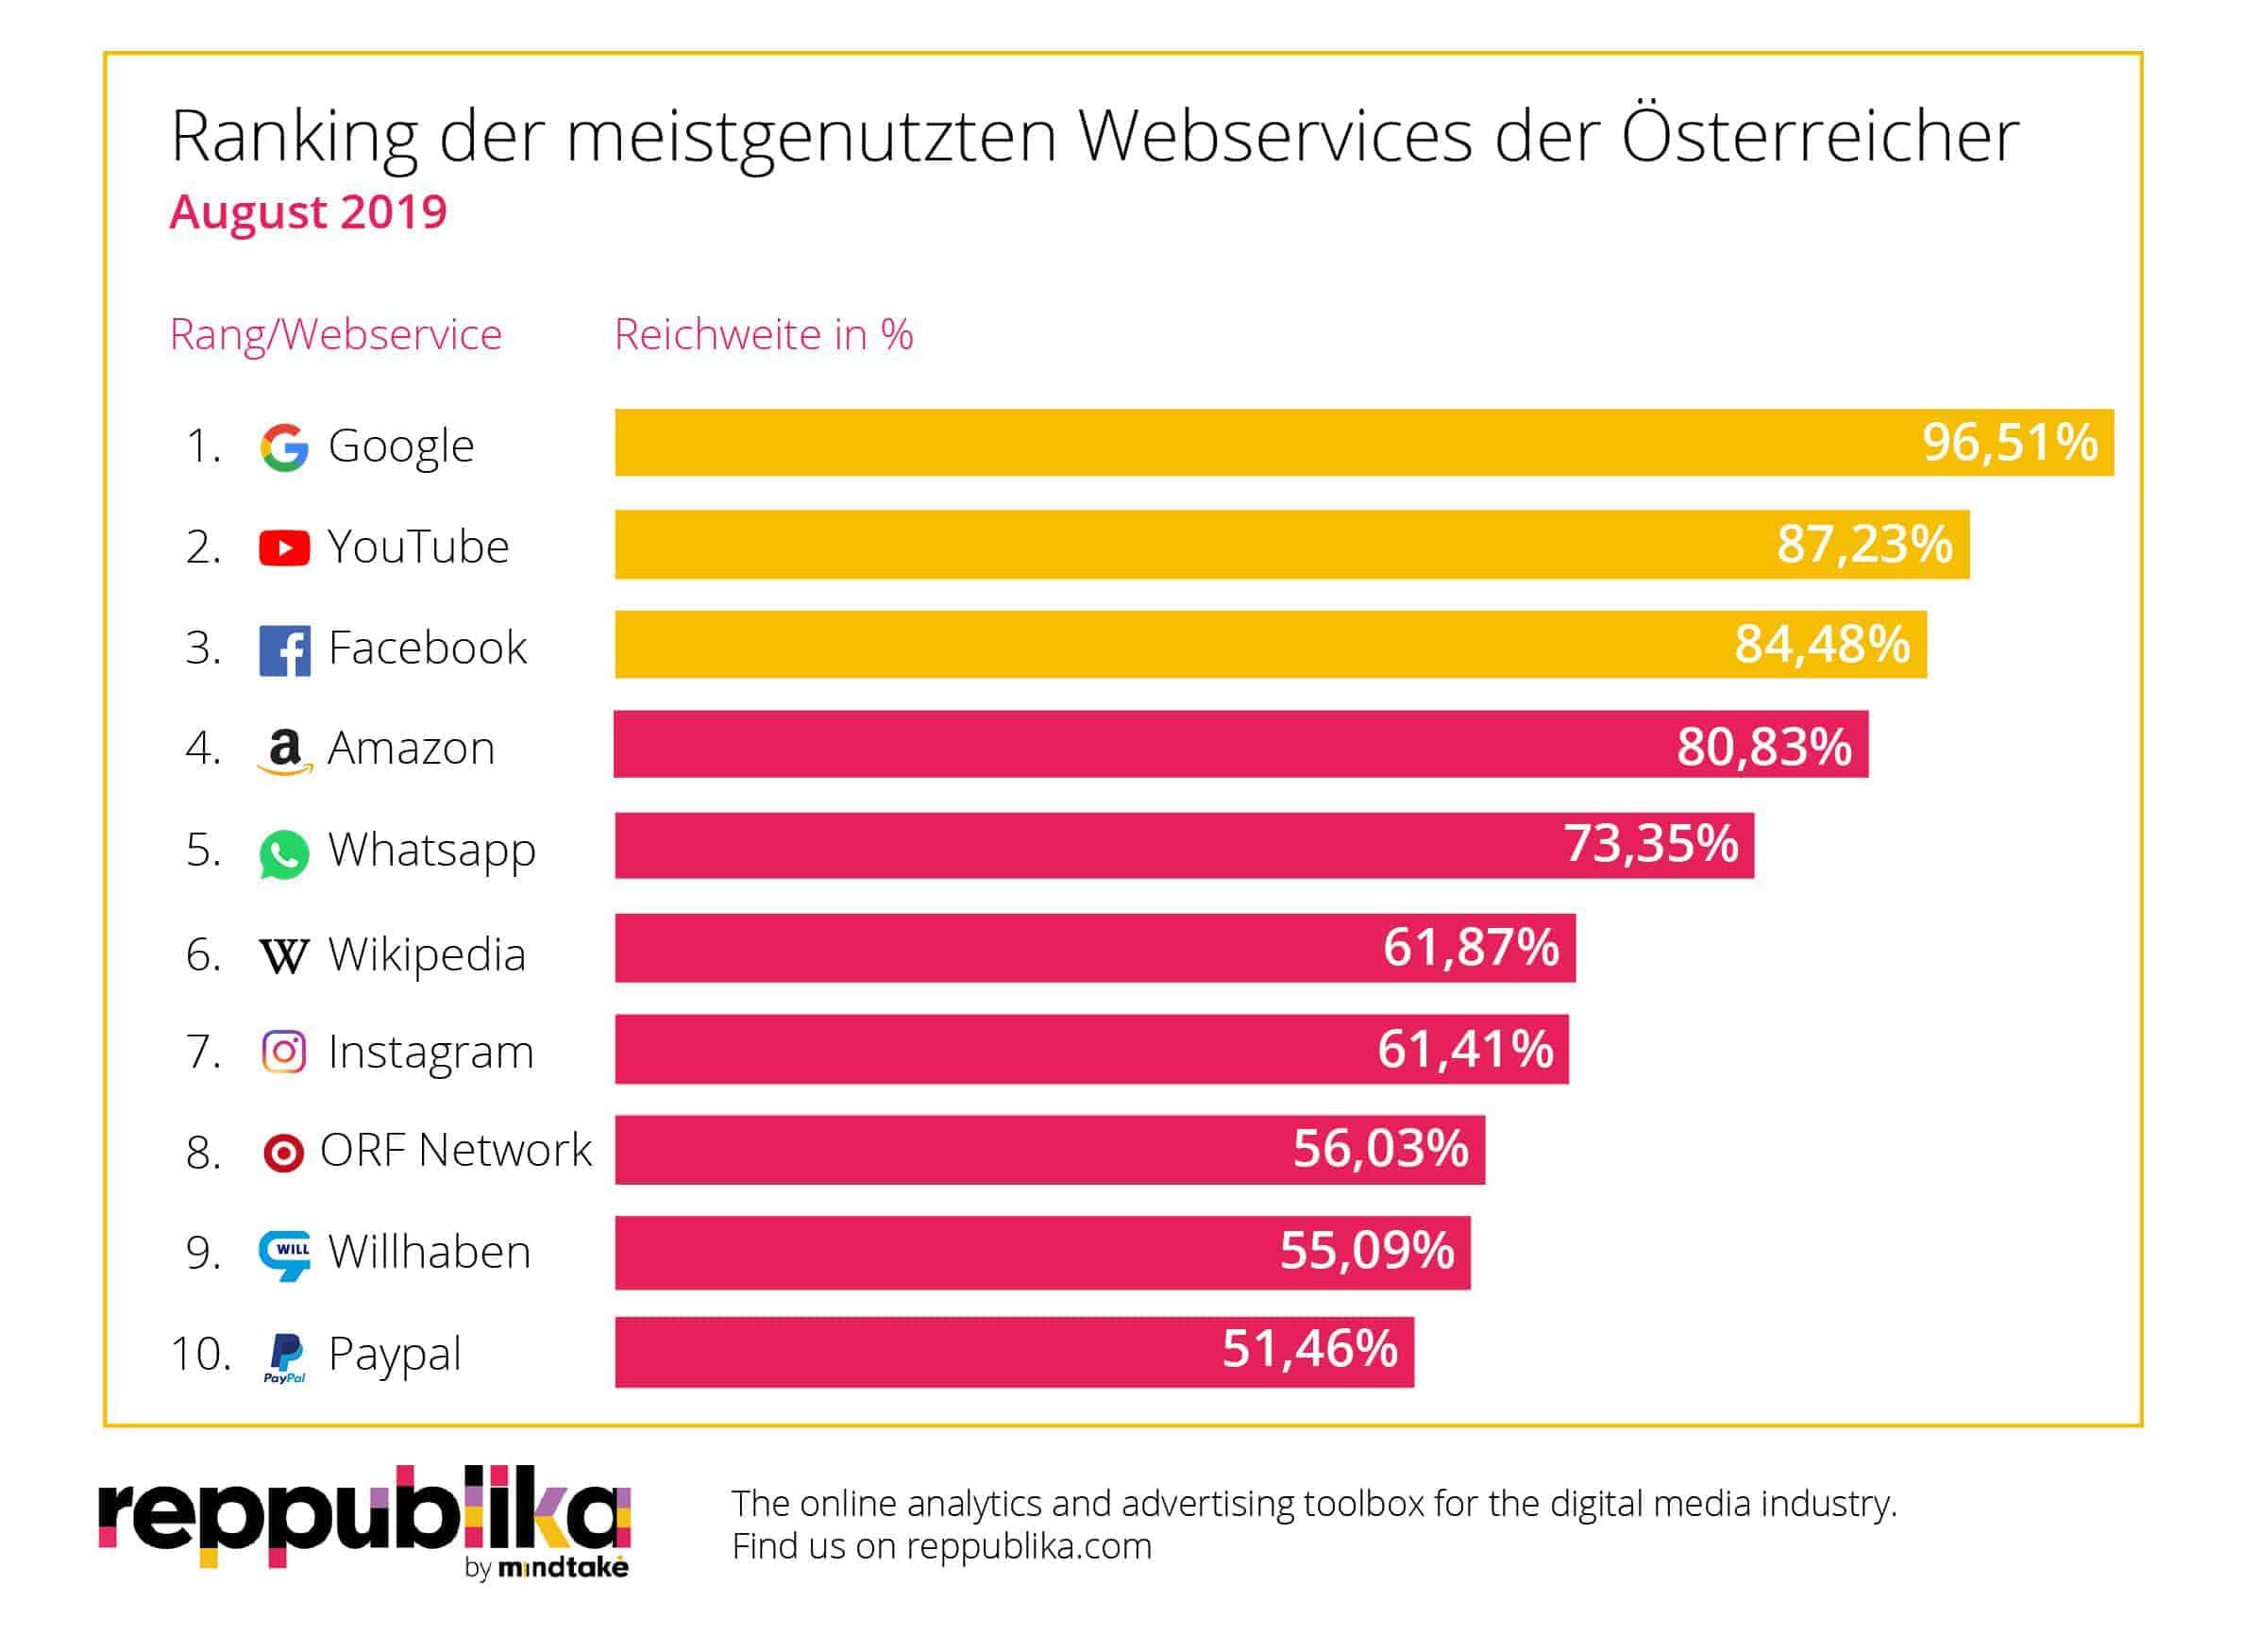 YouTube: Meistgenutzte Webservices in Österreich_Ranking August 2019